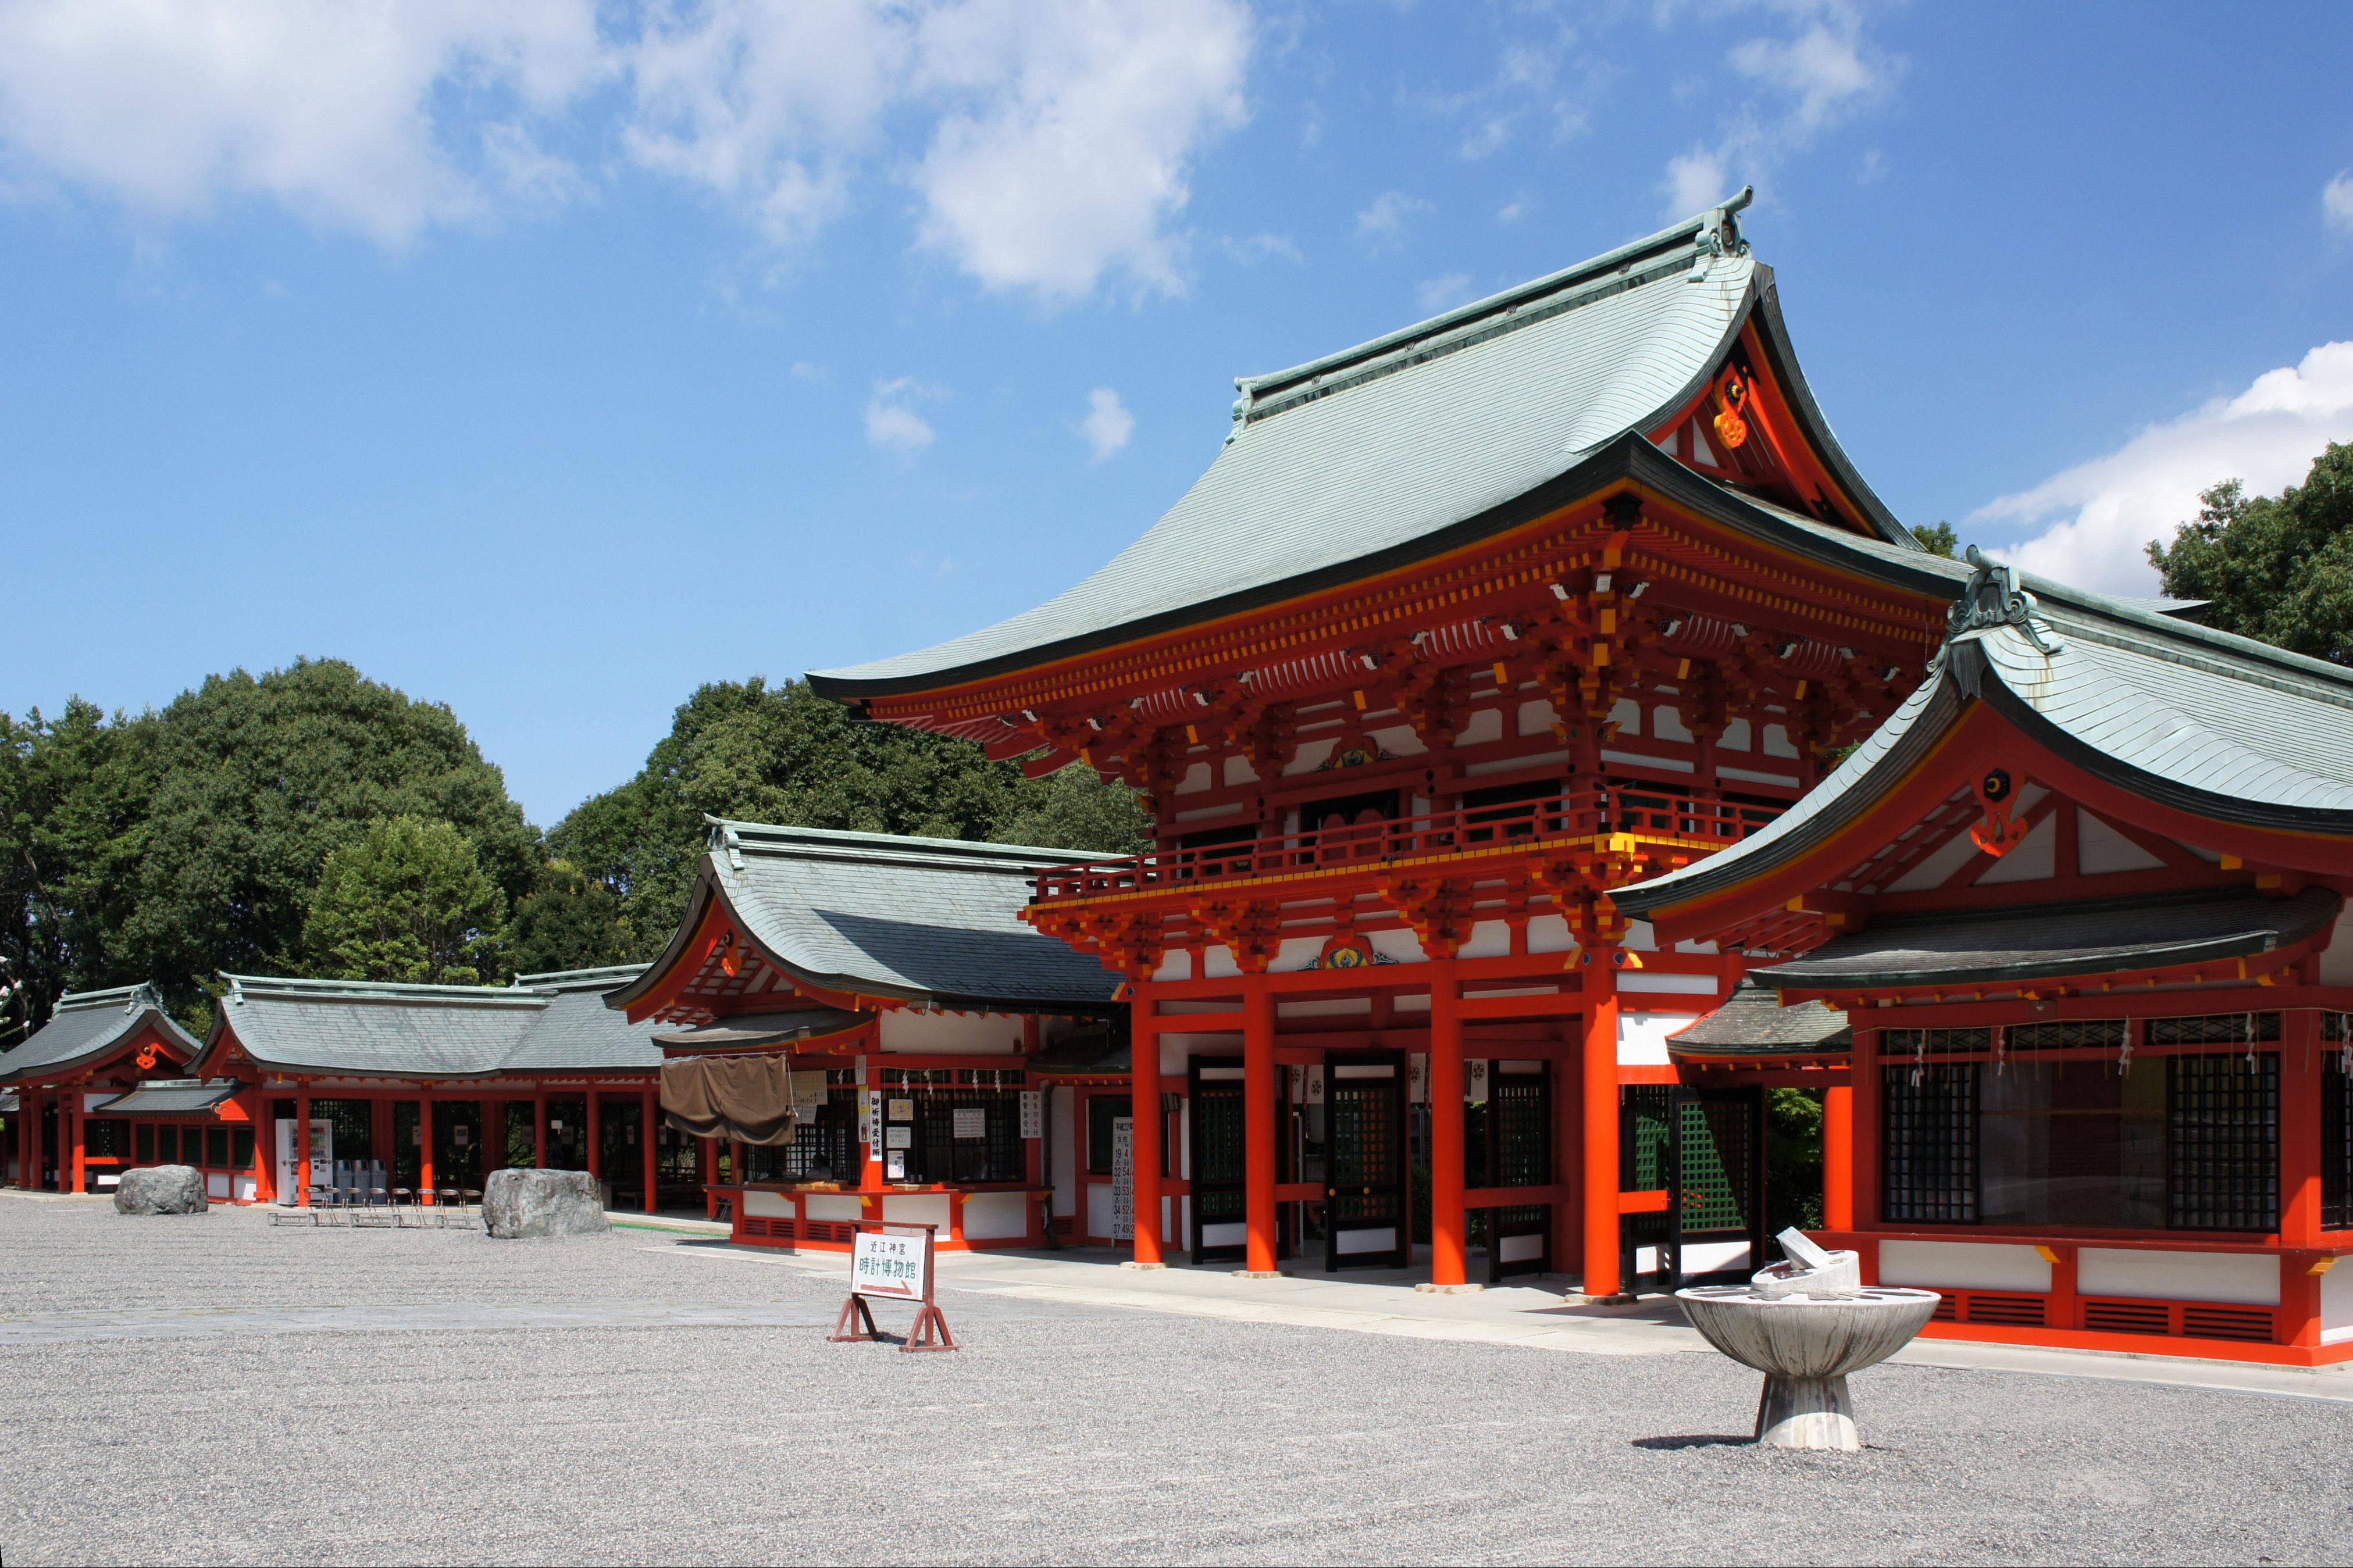 荷物預かりサービスecbo cloak、大津市・JR西日本と手ぶら観光を推進!「ちはやふる」の舞台でもある大津市は魅力がいっぱい